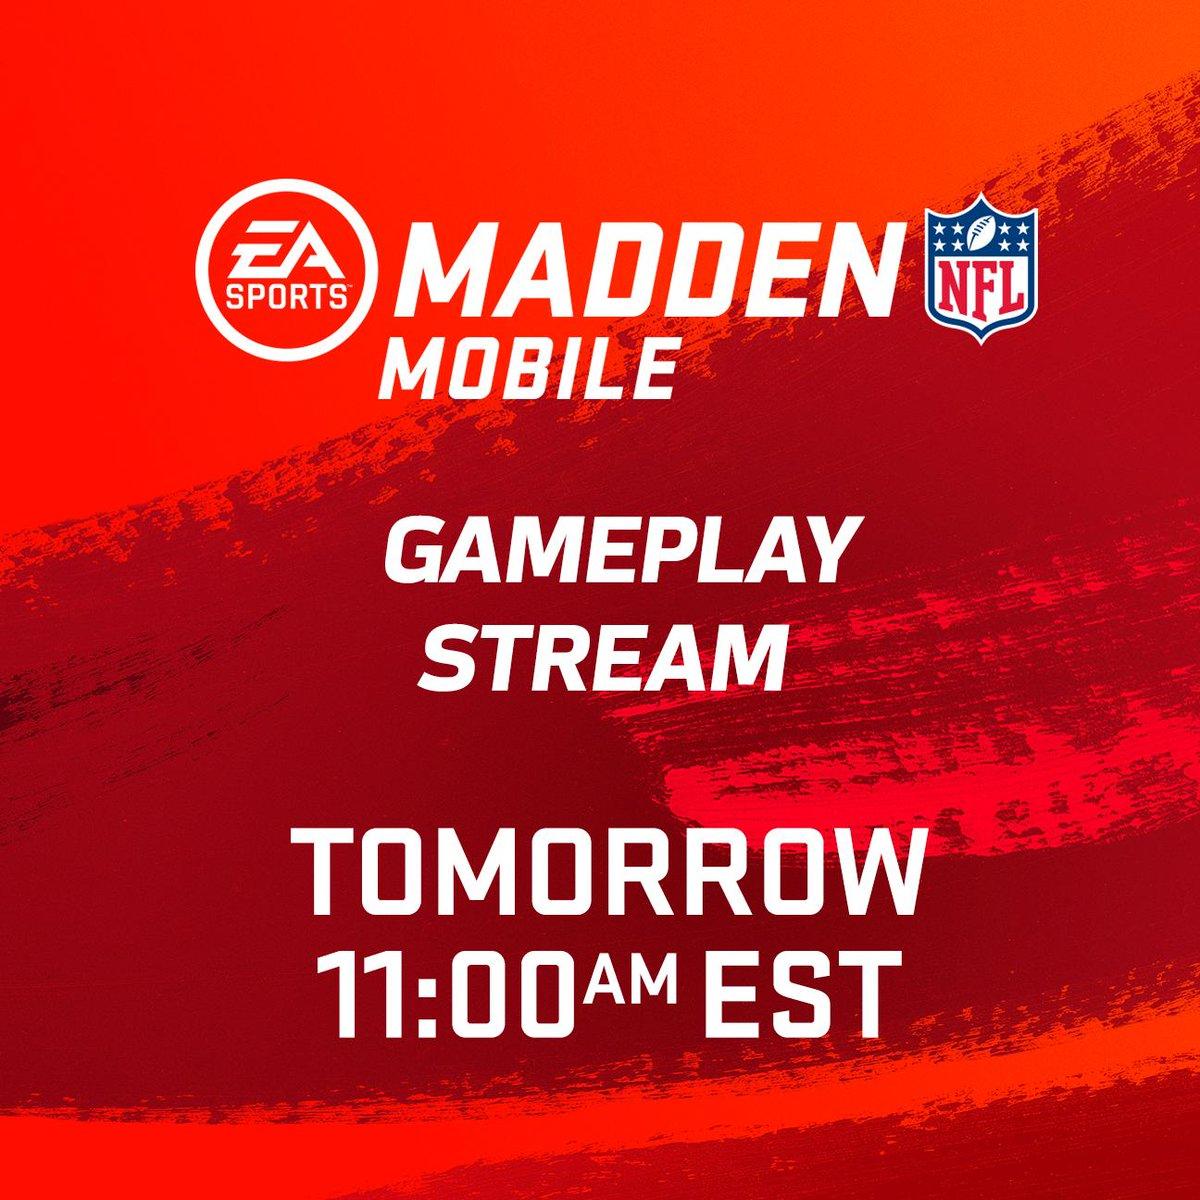 b23b614db27 Madden NFL Mobile (@EAMaddenMobile)   Twitter